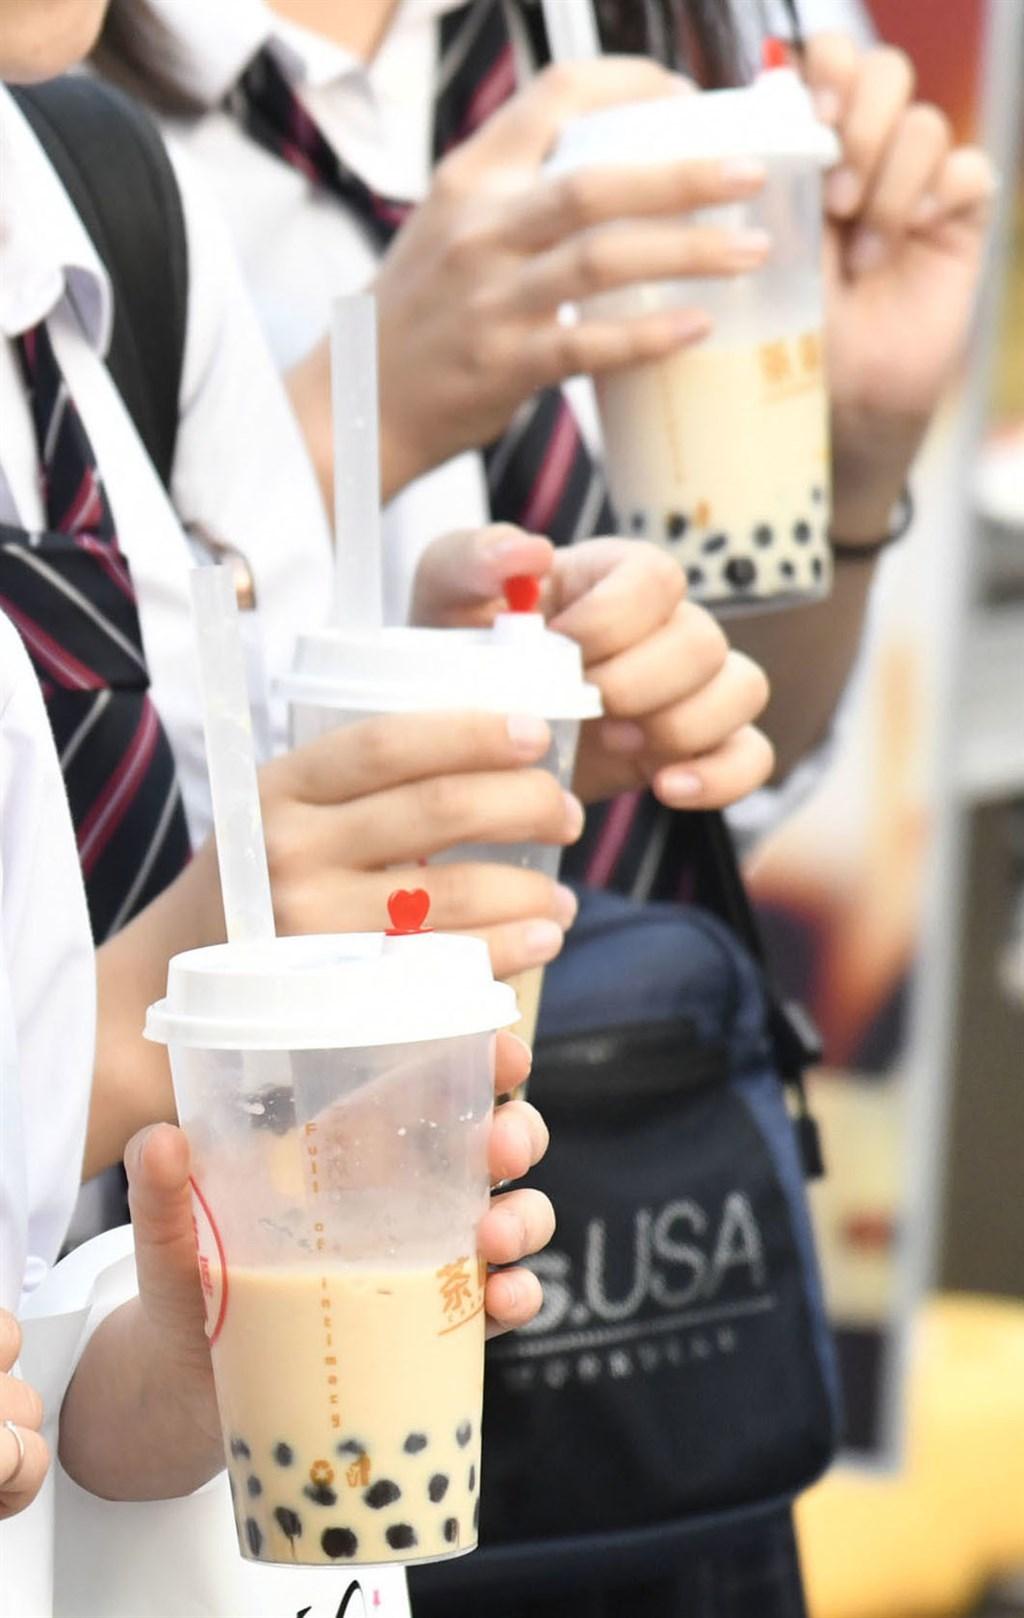 珍珠奶茶今年在日本引發熱潮,除了喝珍奶這個動詞入選十大新語.流行語大賞,珍珠也獲選為2019年日本「今年的一道菜」。(檔案照片/共同社提供)